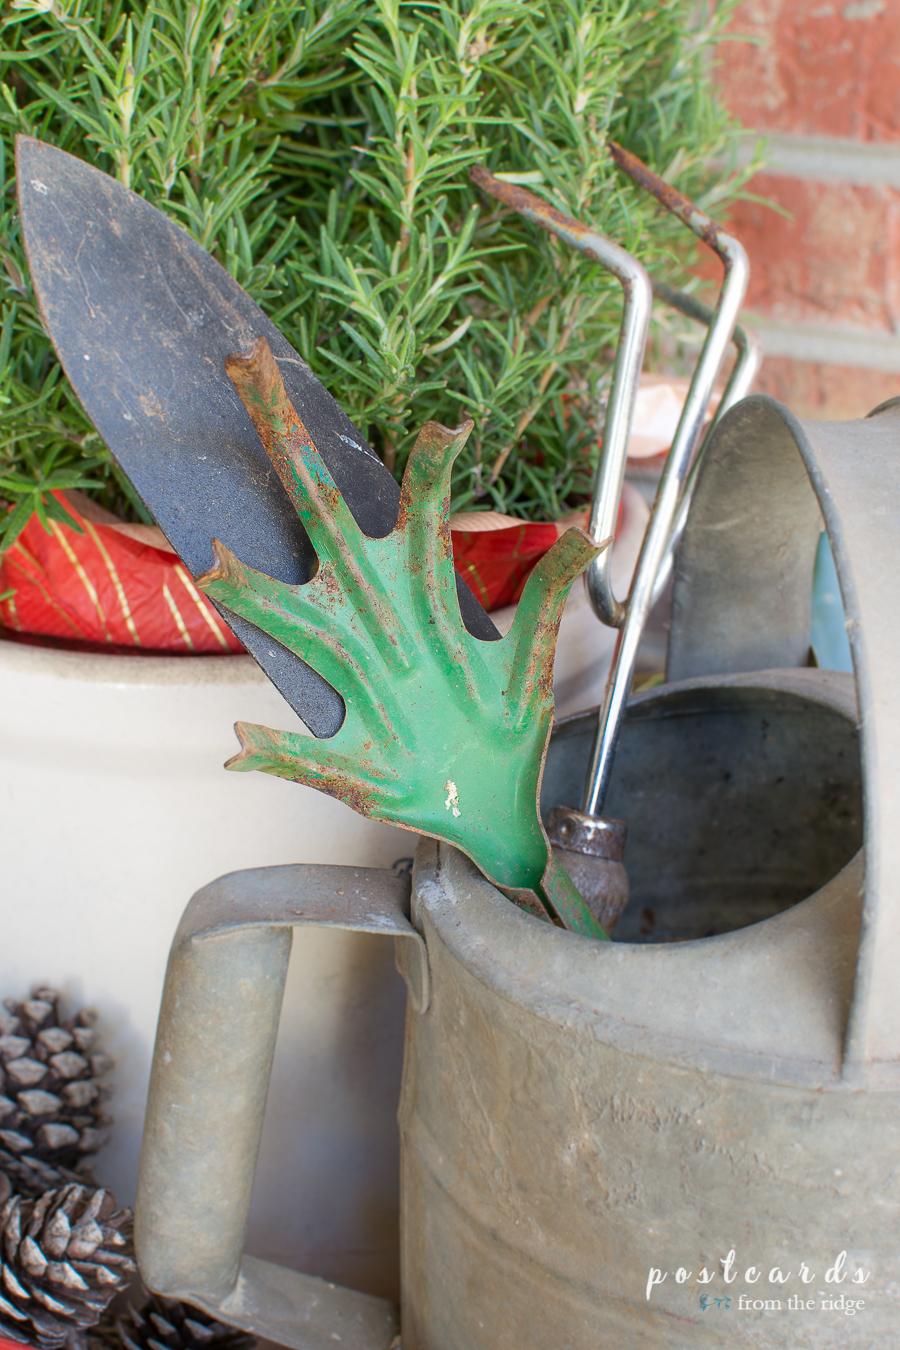 vintage green garden hand fork